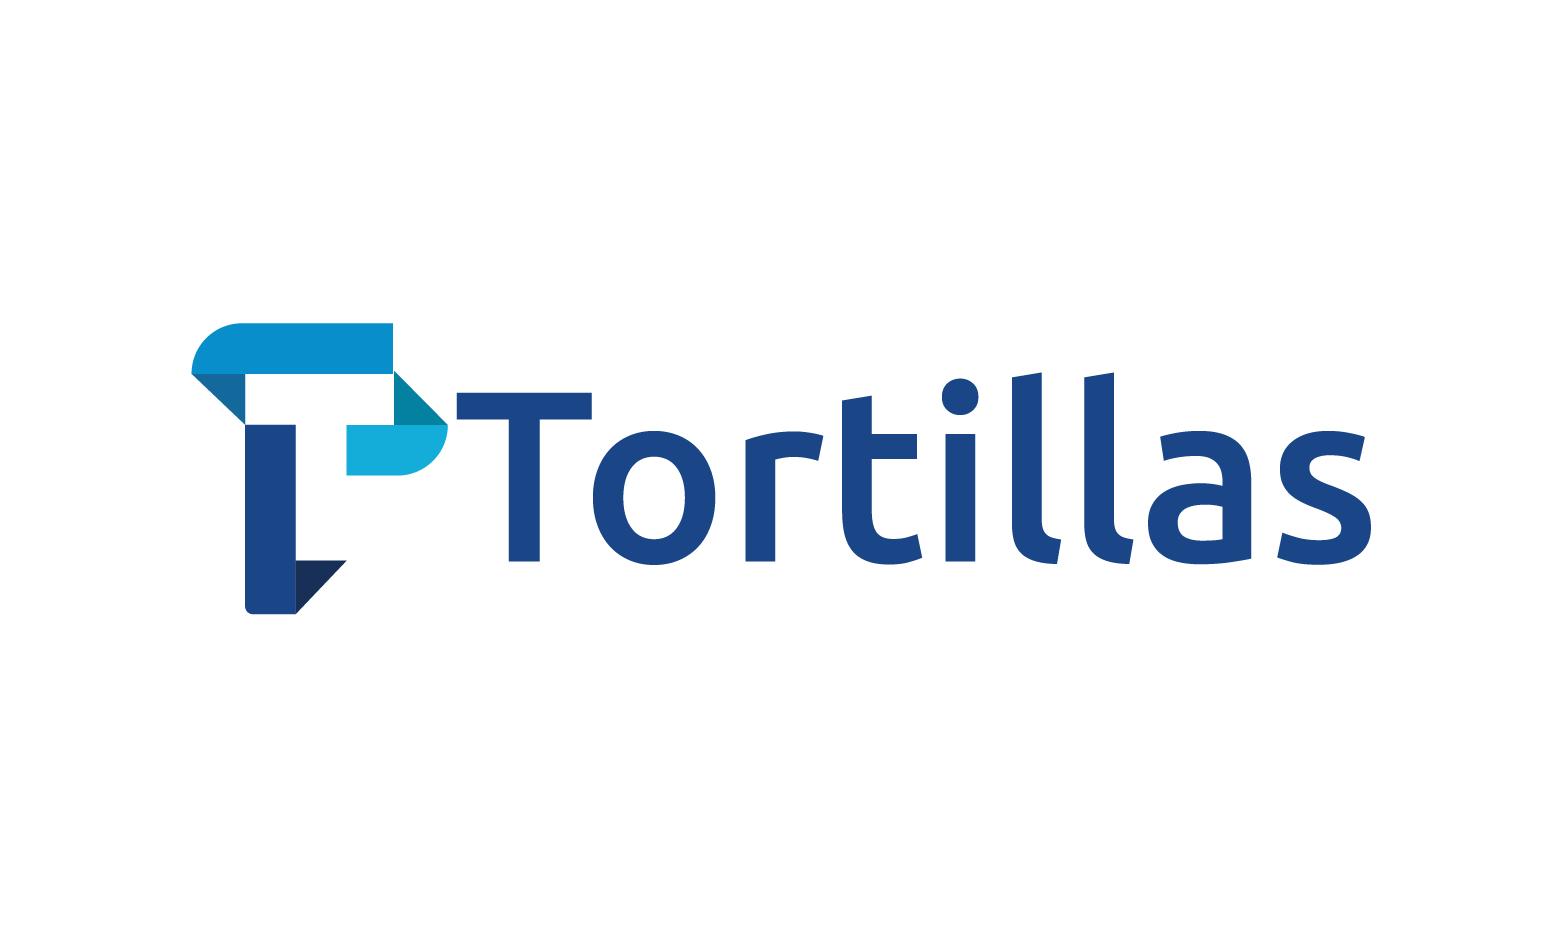 Tortillas.com